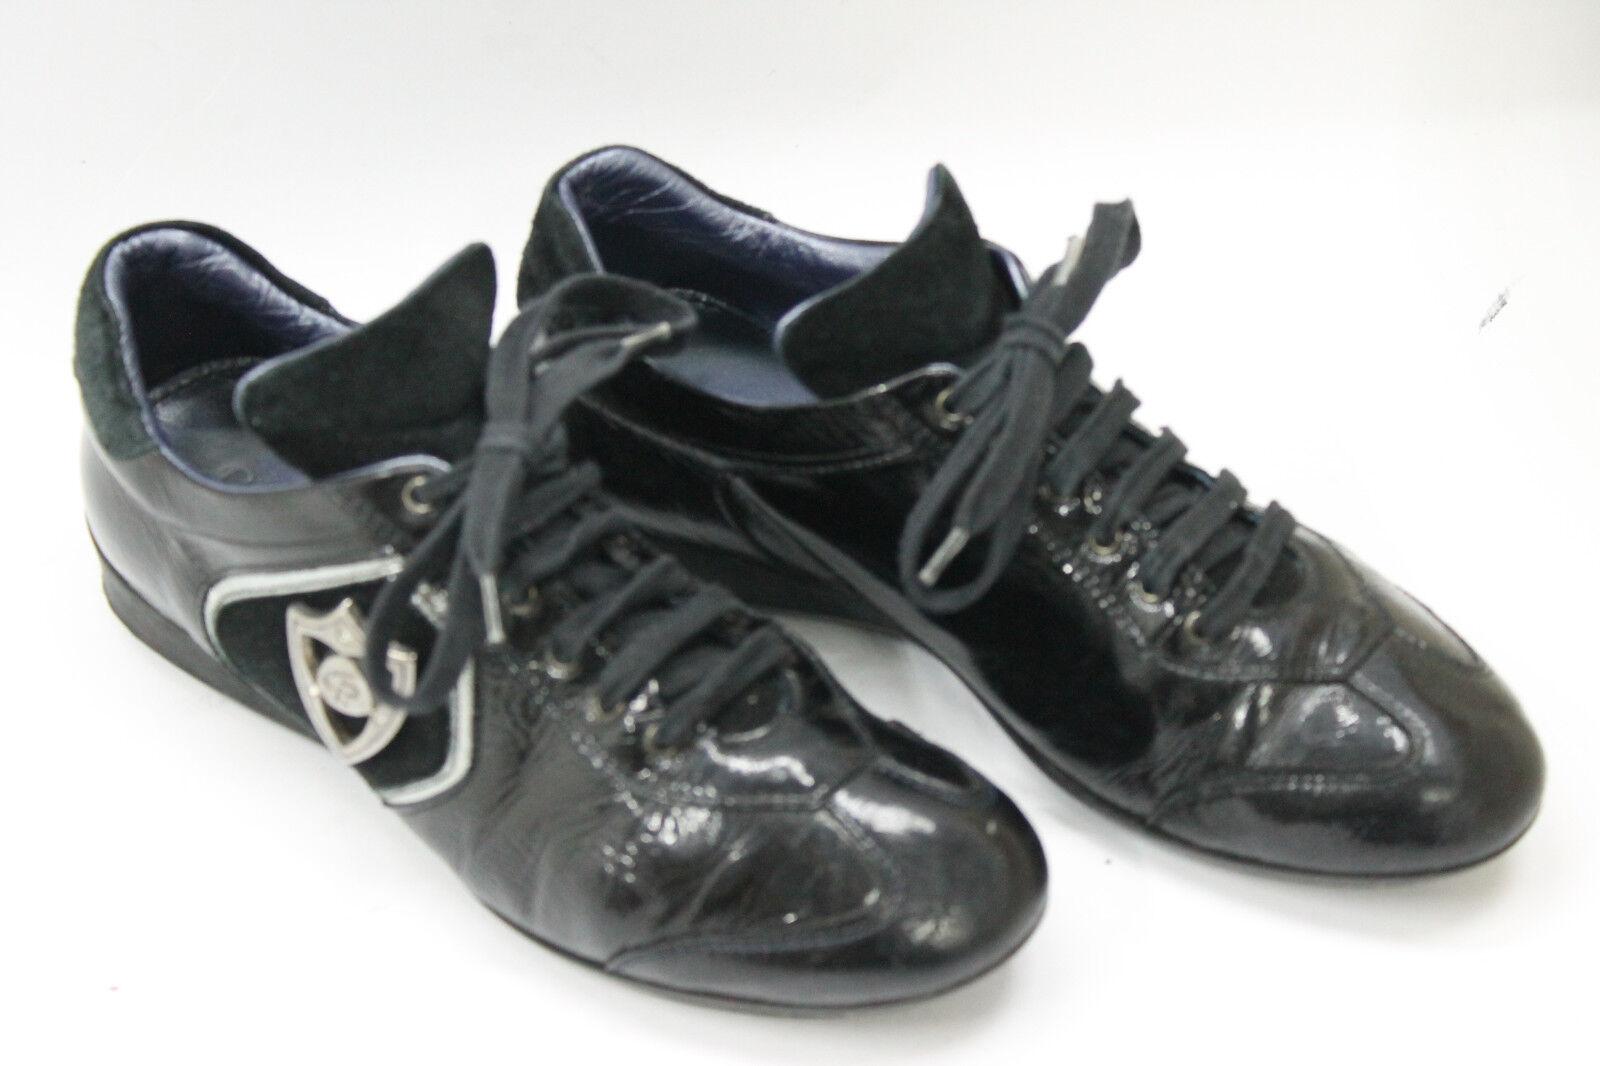 CESARE PACIOTTI women shoes sz 6.5 Europe 37 black  leather S6908